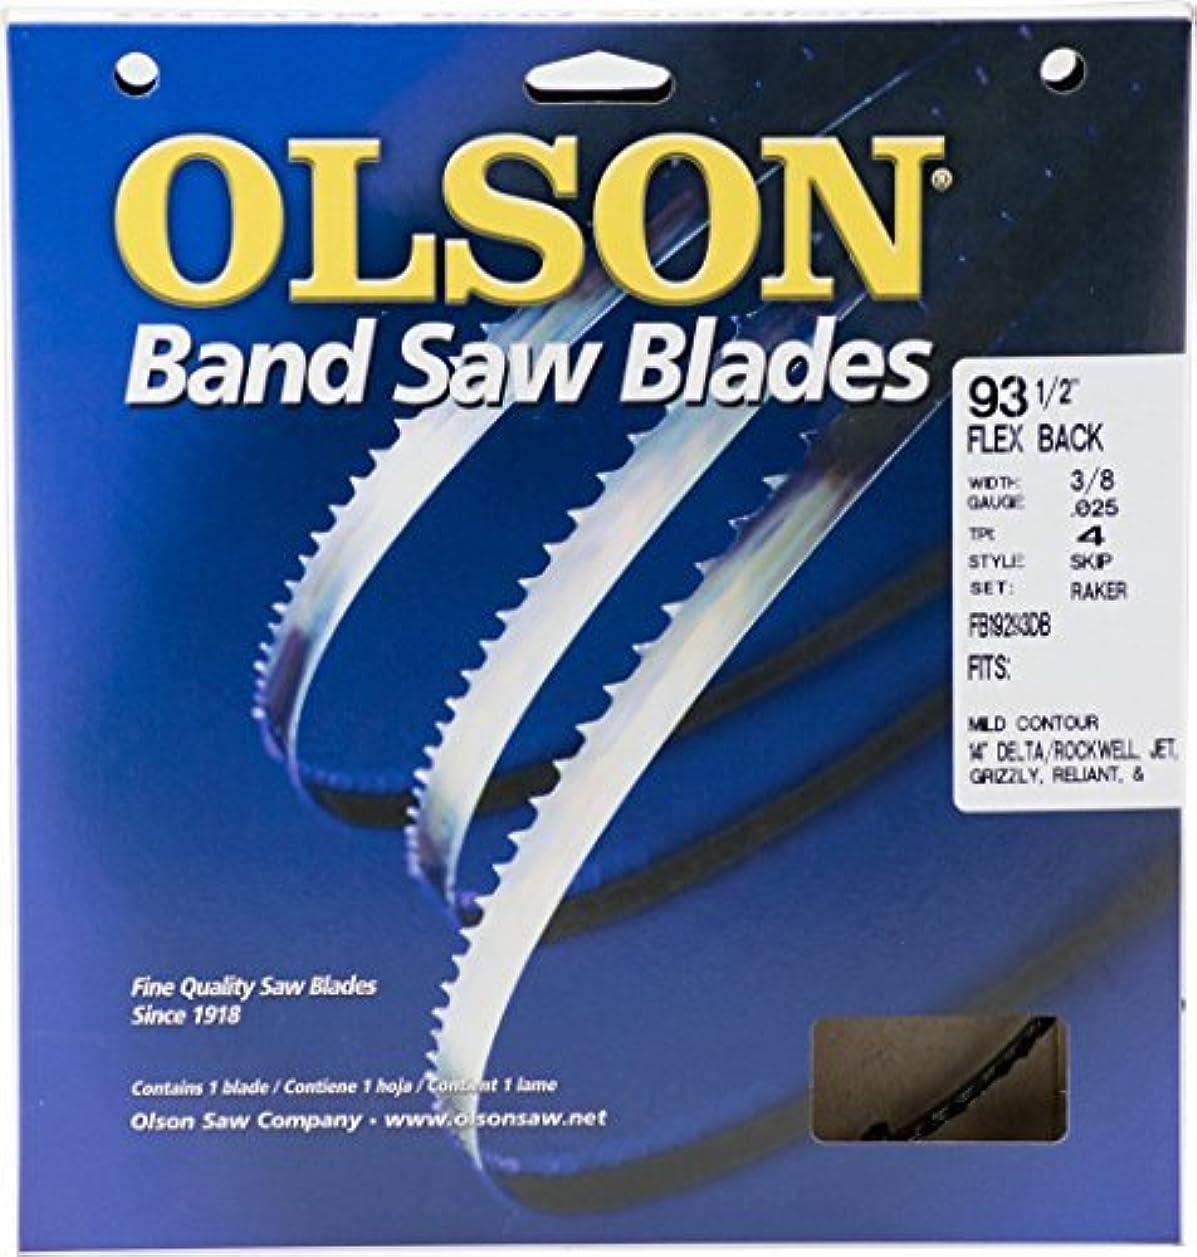 習慣特徴づけるバリーOlson Saw19293Olson Band Saw Blade-93-1/2